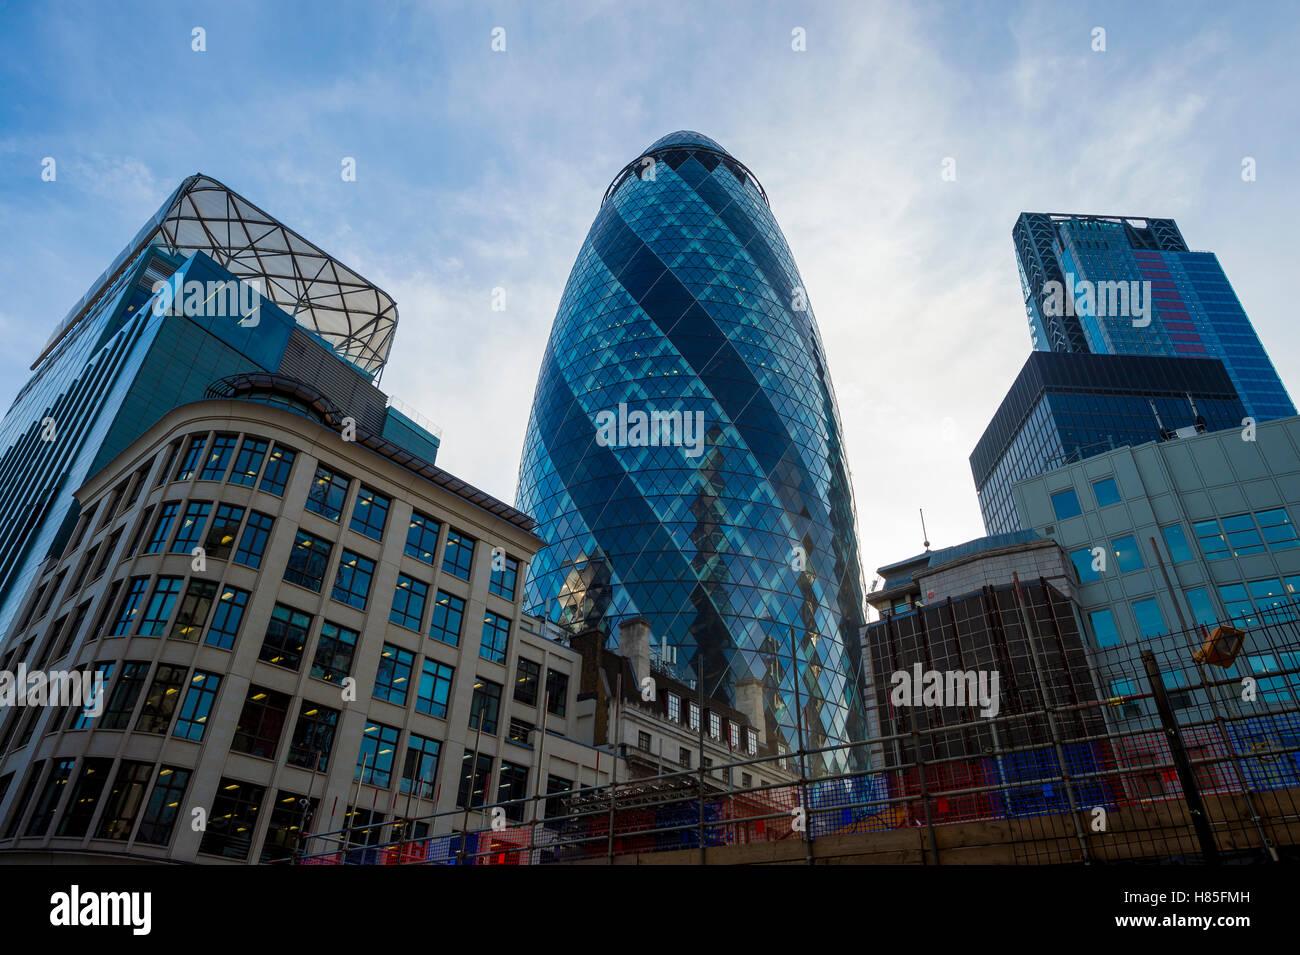 Londres - 3 NOVEMBRE 2016: forme caractéristique du Gherkin building domine les toits de la ville, tandis Photo Stock